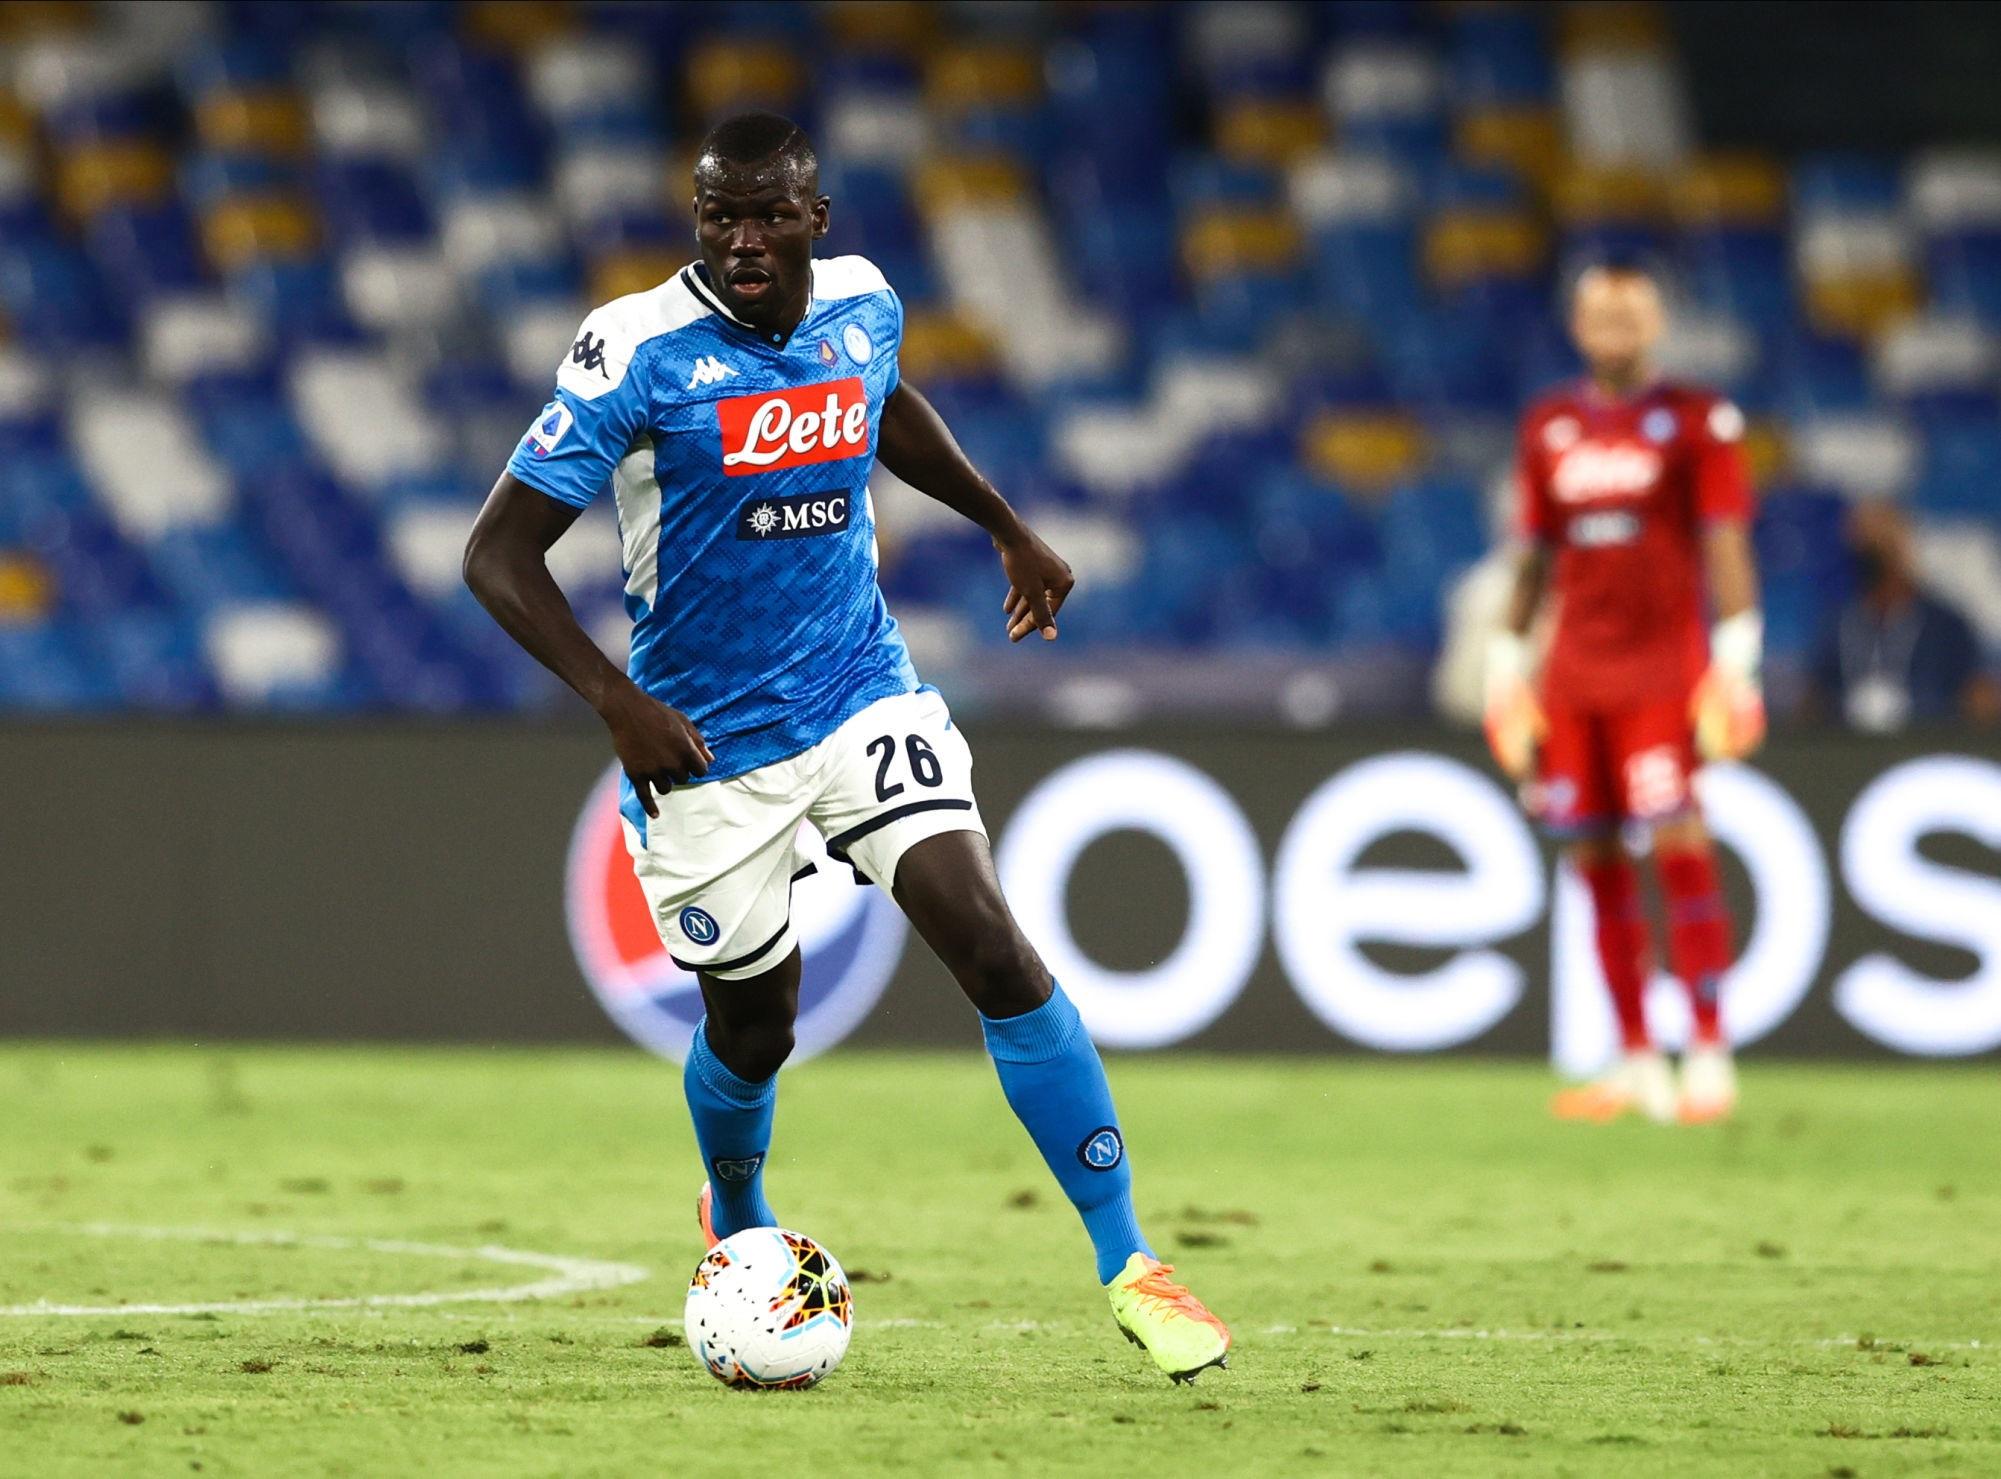 Mercato - Koulibaly, City va faire une nouvelle offre et le PSG «est dans la course» selon Sky Italia